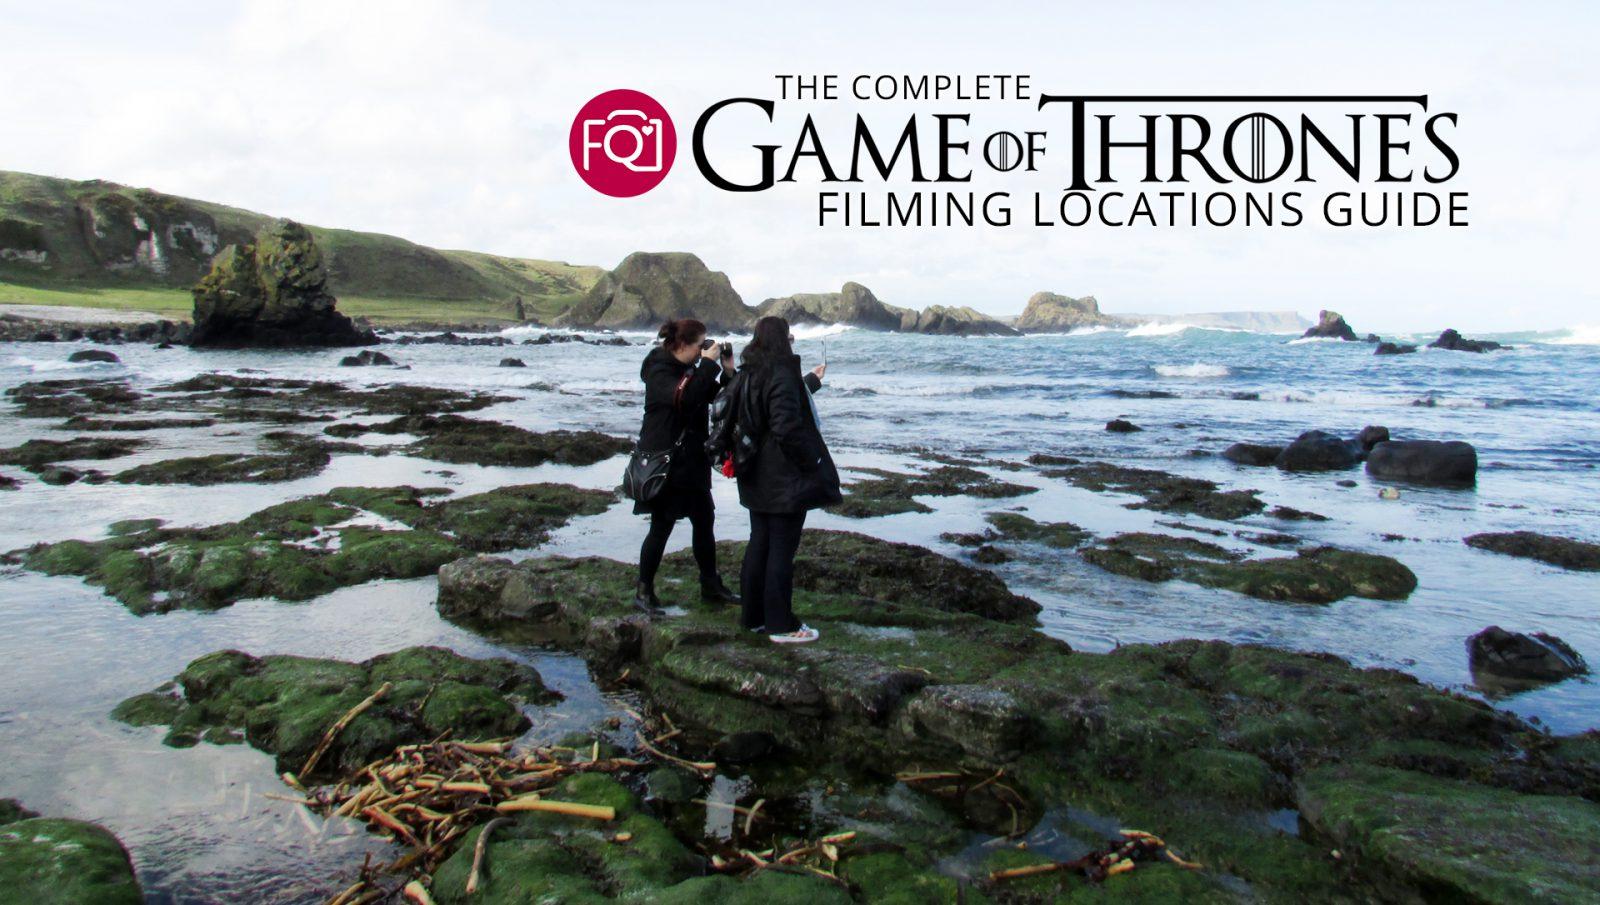 По Вестеросу с айпадом: блогеры наложили скриншоты «Игры престолов» на реальные ландшафты (16 фото)